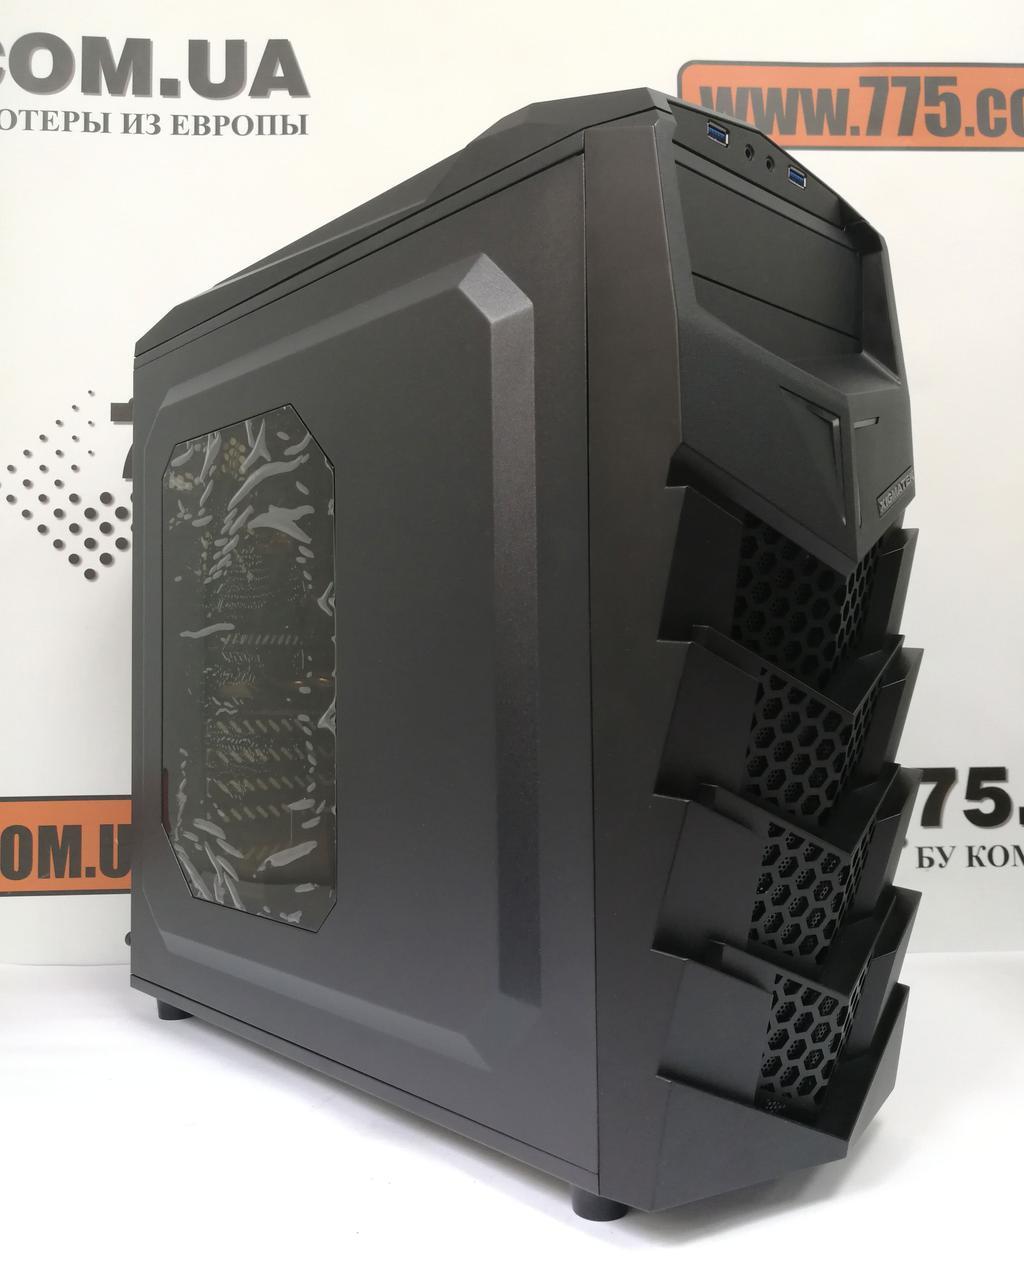 Игровой компьютер, AMD Ryzen 5 1600Х 4.0GHz, 16ГБ DDR4, SSD 120ГБ, HDD 1ТБ, GTX 1060 6ГБ